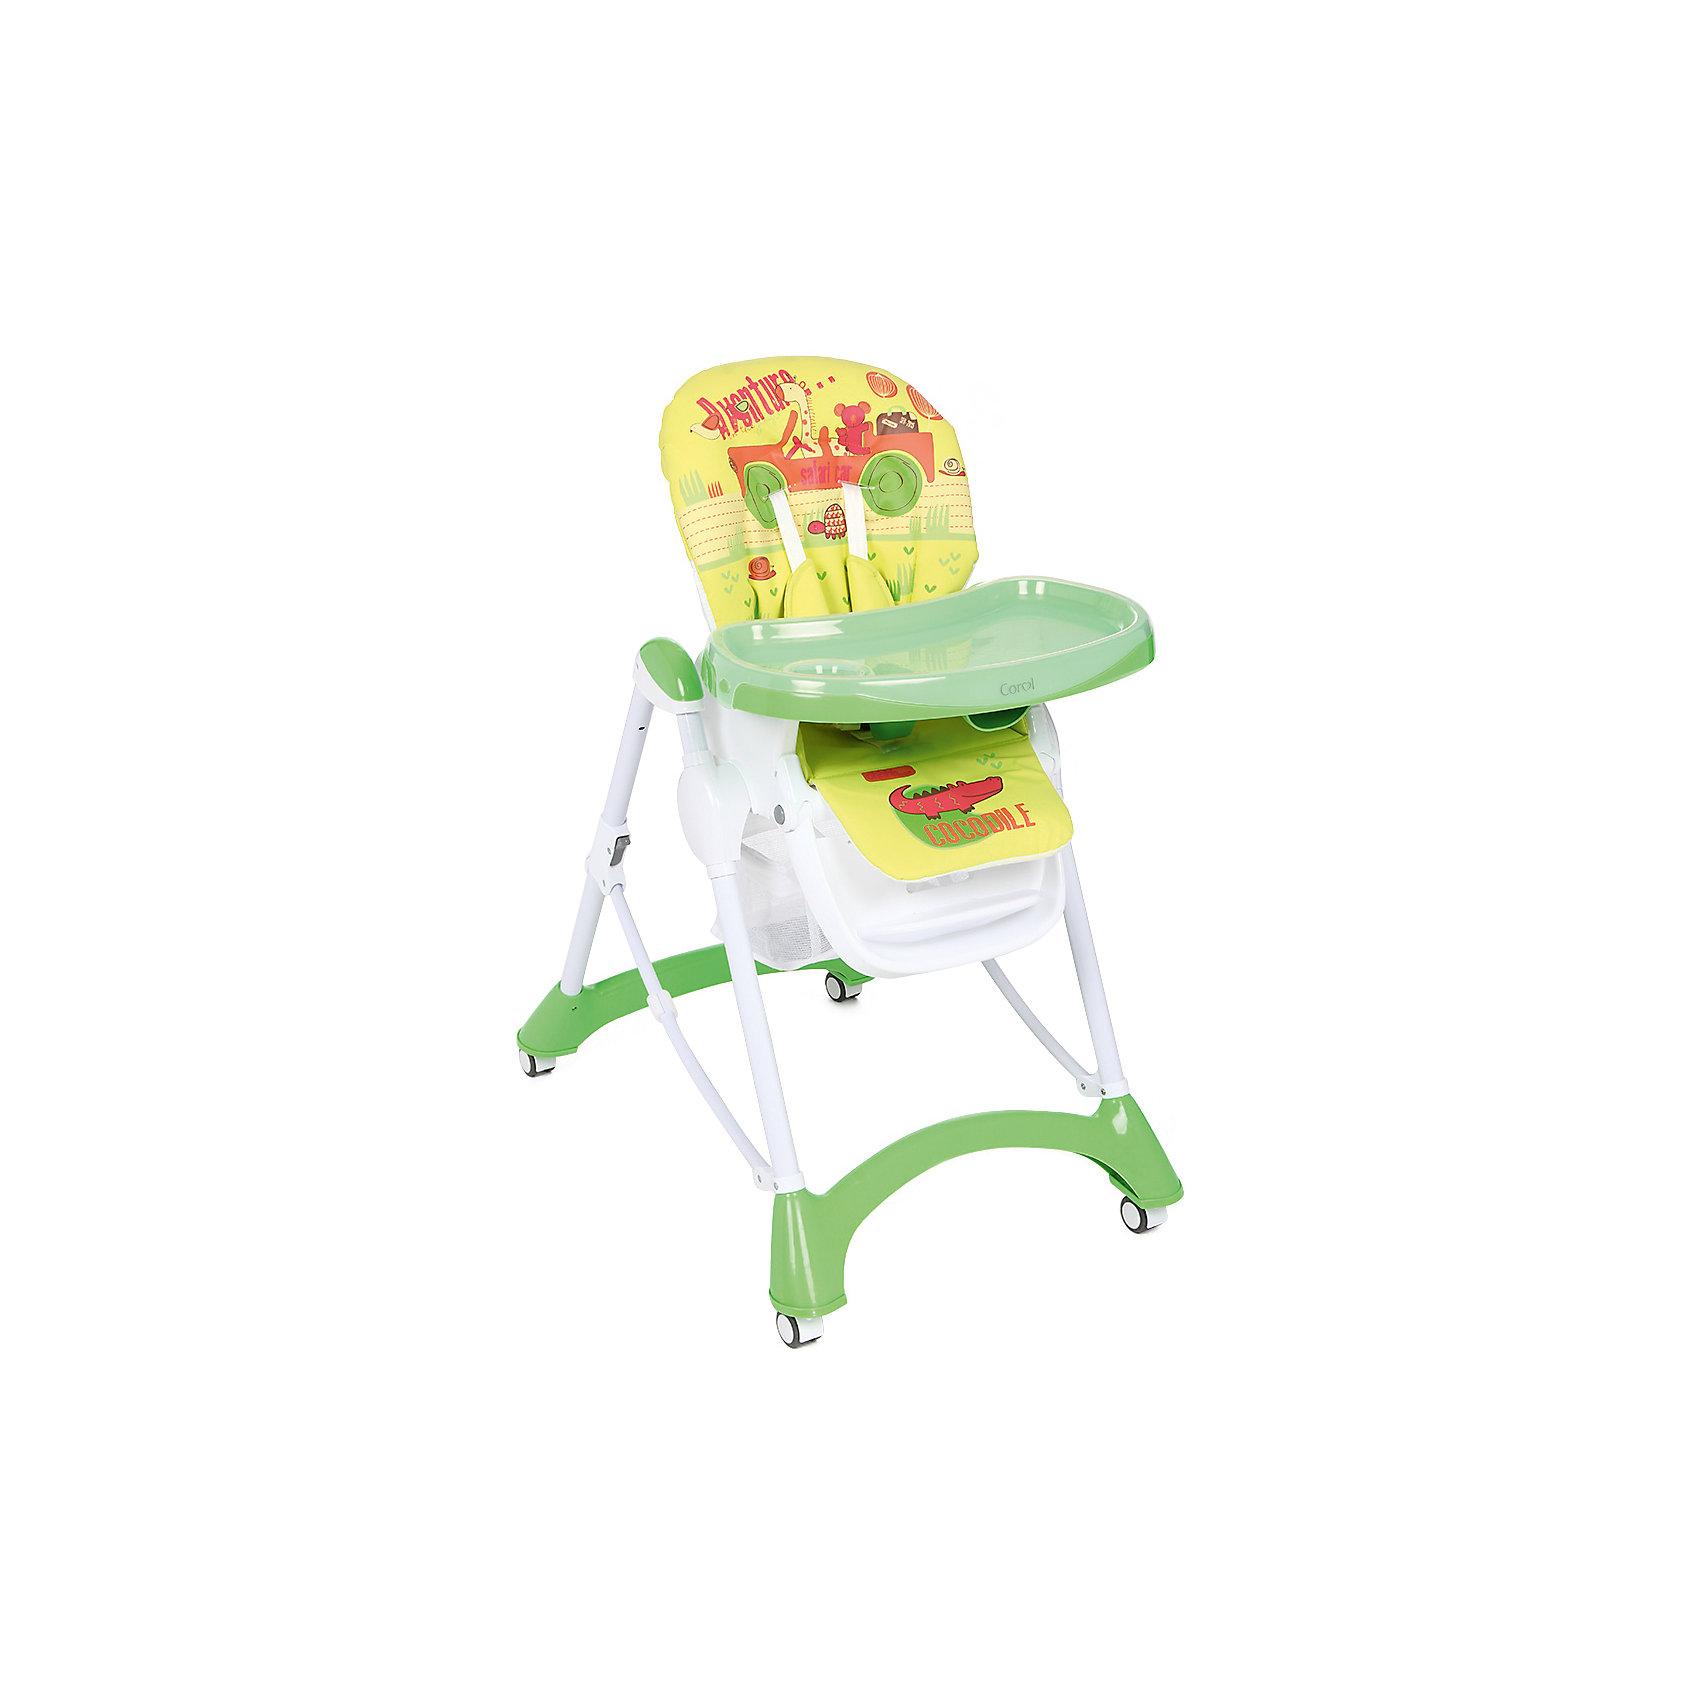 Стульчик для кормления, Corol, зеленый/желтый САФАРИот +6 месяцев<br>Прочный и удобный стульчик для кормления позволит посадить ребенка, не беспокоясь при этом о его безопасности. Яркий цвет изделия привлечет внимание малыша. Эта модель очень удобна: угол наклона спинки регулируется, высота - тоже, предусмотрены два угла наклона подножки. <br>Двойной поднос может крепиться на задних ножках. Для удобства перемещения есть колесики с фиксаторами. Сиденье и спинка -  мягкие, конструкция  - очень устойчивая. Изделие произведено из качественных и безопасных для малышей материалов, оно соответствуют всем современным требованиям безопасности.<br> <br>Дополнительная информация:<br><br>цвет: зеленый, желтый;<br>принт;<br>материал: металл;<br>столик съемный, двойной;<br>вес: 9 кг;<br>регулировка по высоте: 7 положений;<br>количество положений спинки: 3;<br>пятиточечные ремни безопасности;<br>колеса;<br>возраст: от 6 до 36 месяцев;<br>размеры стола: 630х1090х900 мм.<br><br>Стульчик для кормления, зеленый/желтый САФАРИ от компании Corol можно купить в нашем магазине.<br><br>Ширина мм: 1090<br>Глубина мм: 630<br>Высота мм: 435<br>Вес г: 8450<br>Возраст от месяцев: 6<br>Возраст до месяцев: 36<br>Пол: Унисекс<br>Возраст: Детский<br>SKU: 4778477